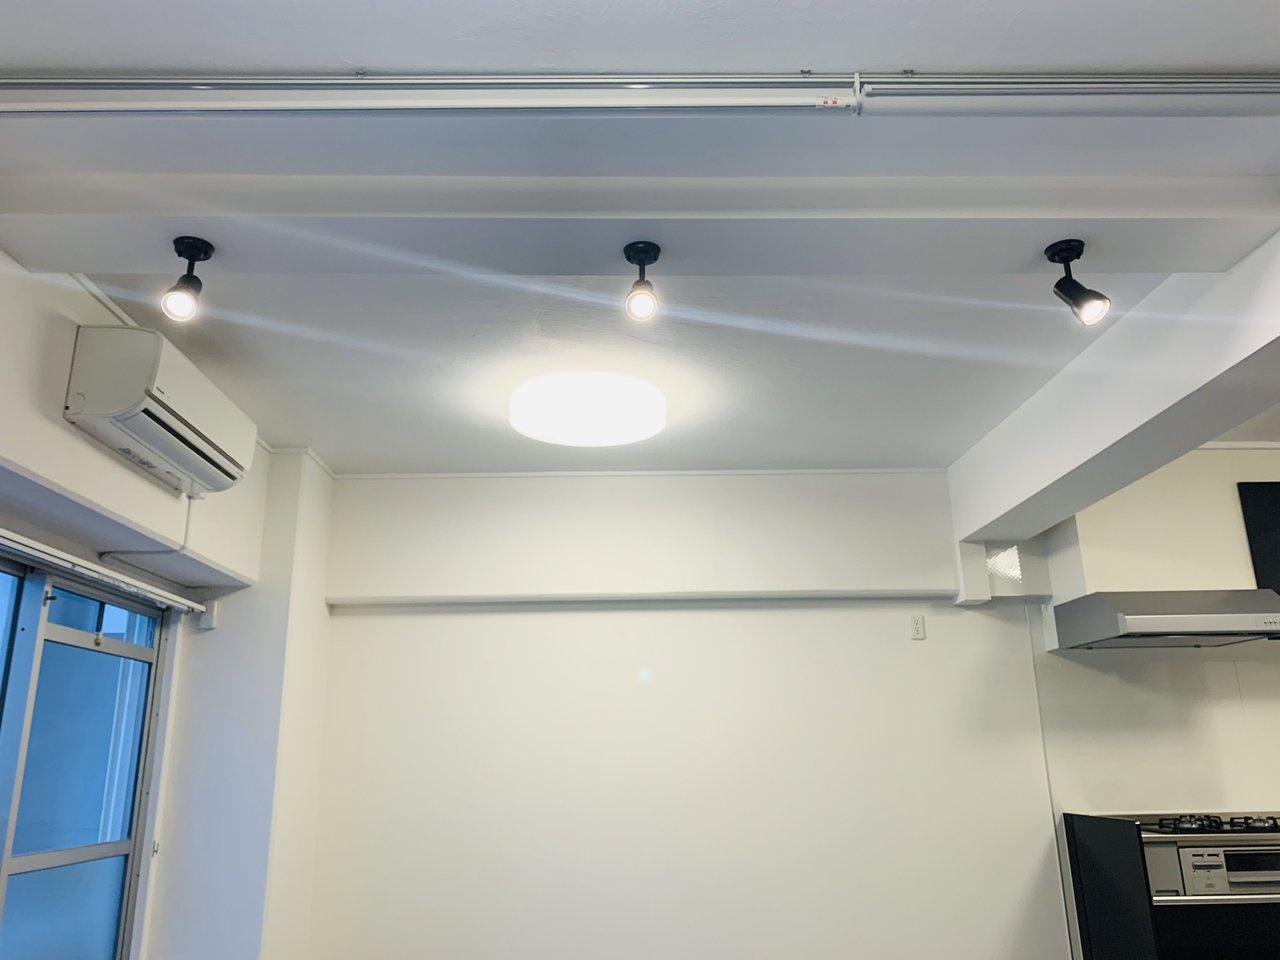 備え付けのスポットライトをうまく活用すれば、部屋全体を広く見せられそうです。